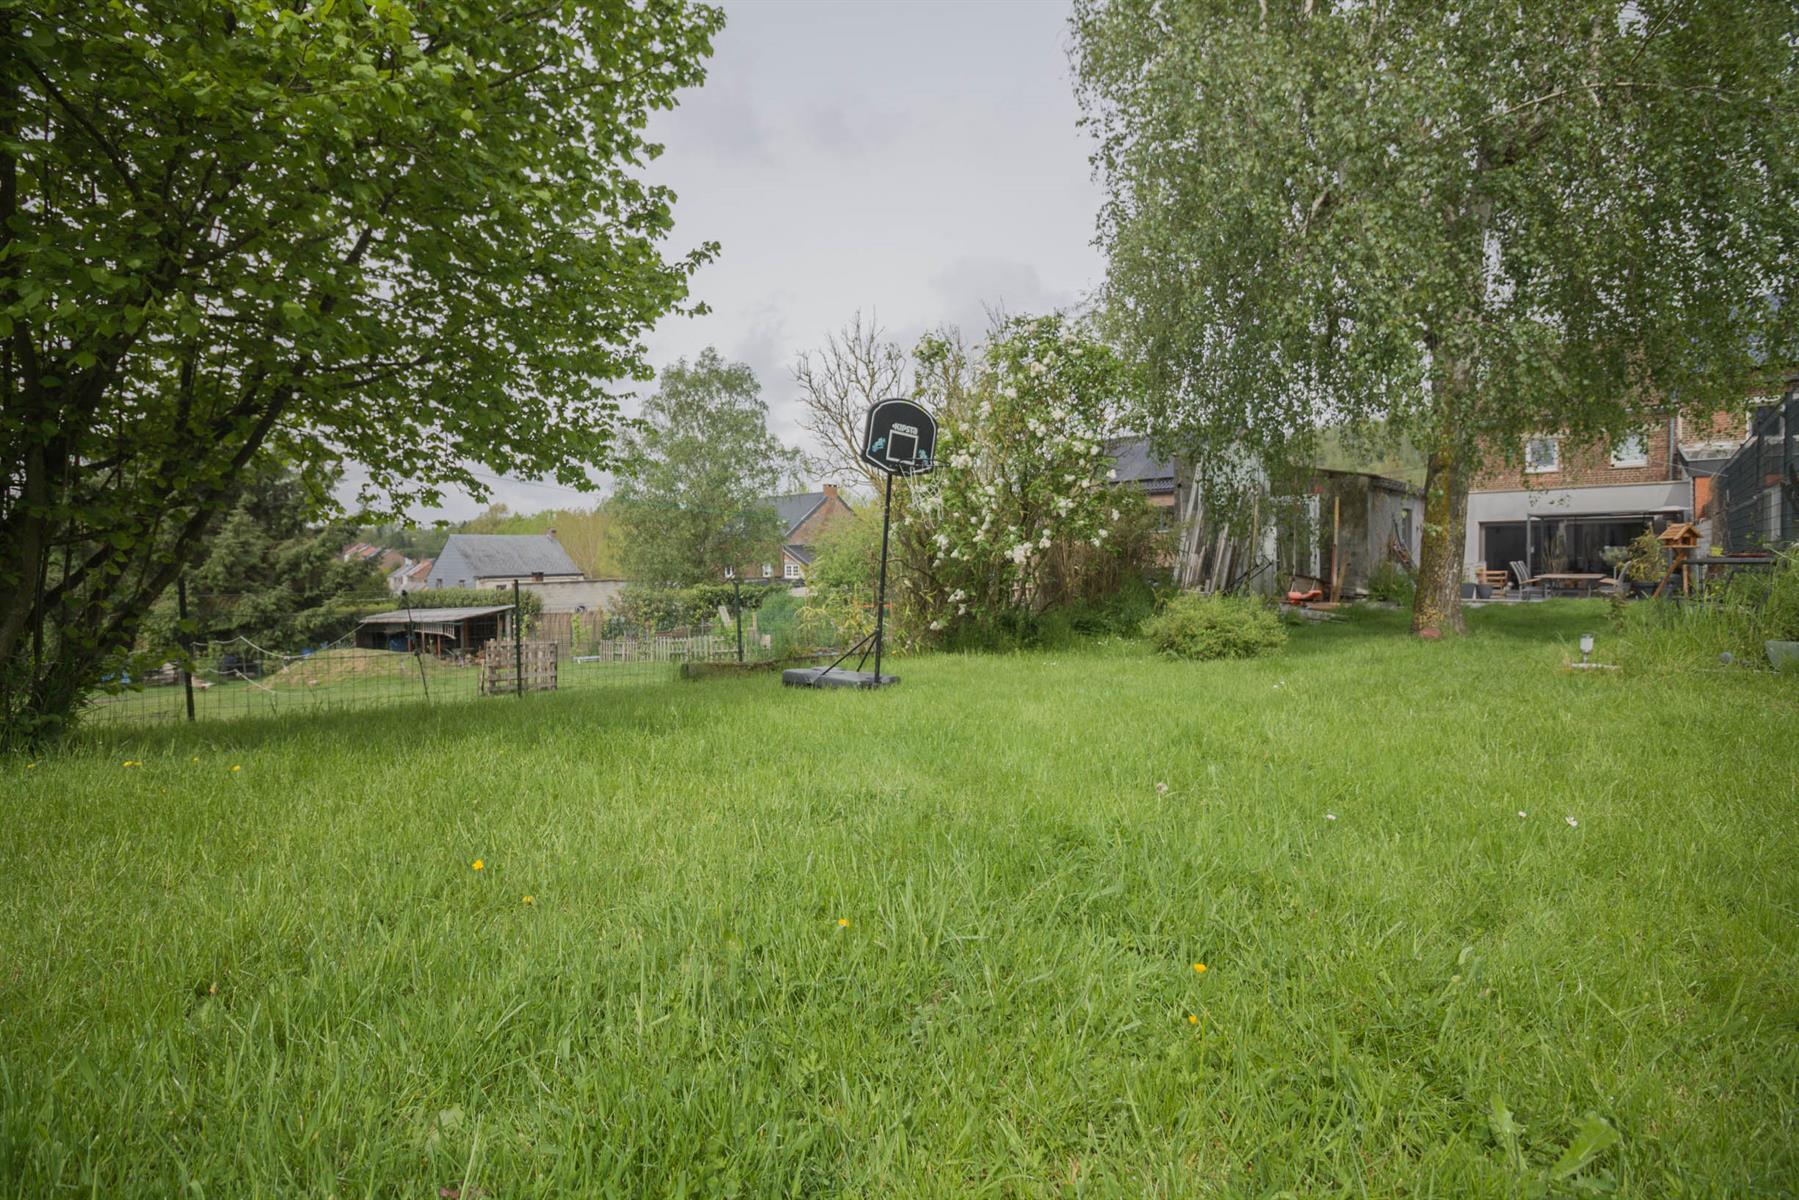 Maison - Forchies-la-Marche - #4381660-28